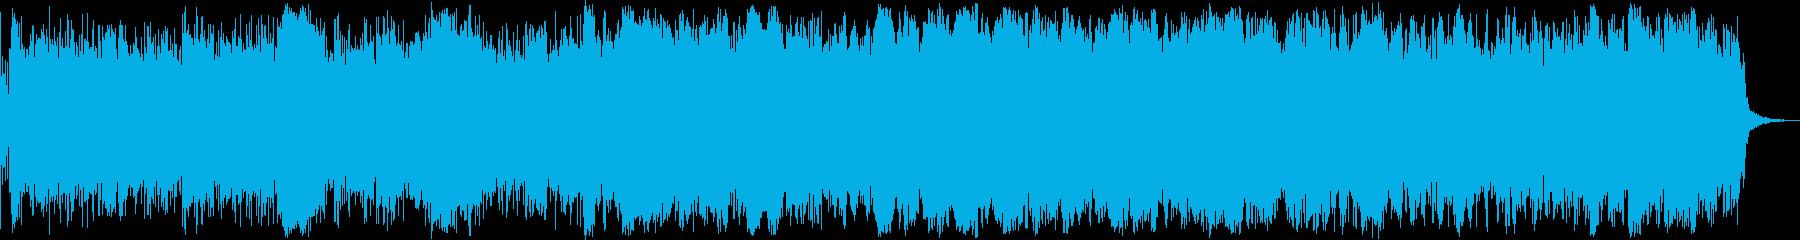 重い奇数メーターロックフック、この...の再生済みの波形